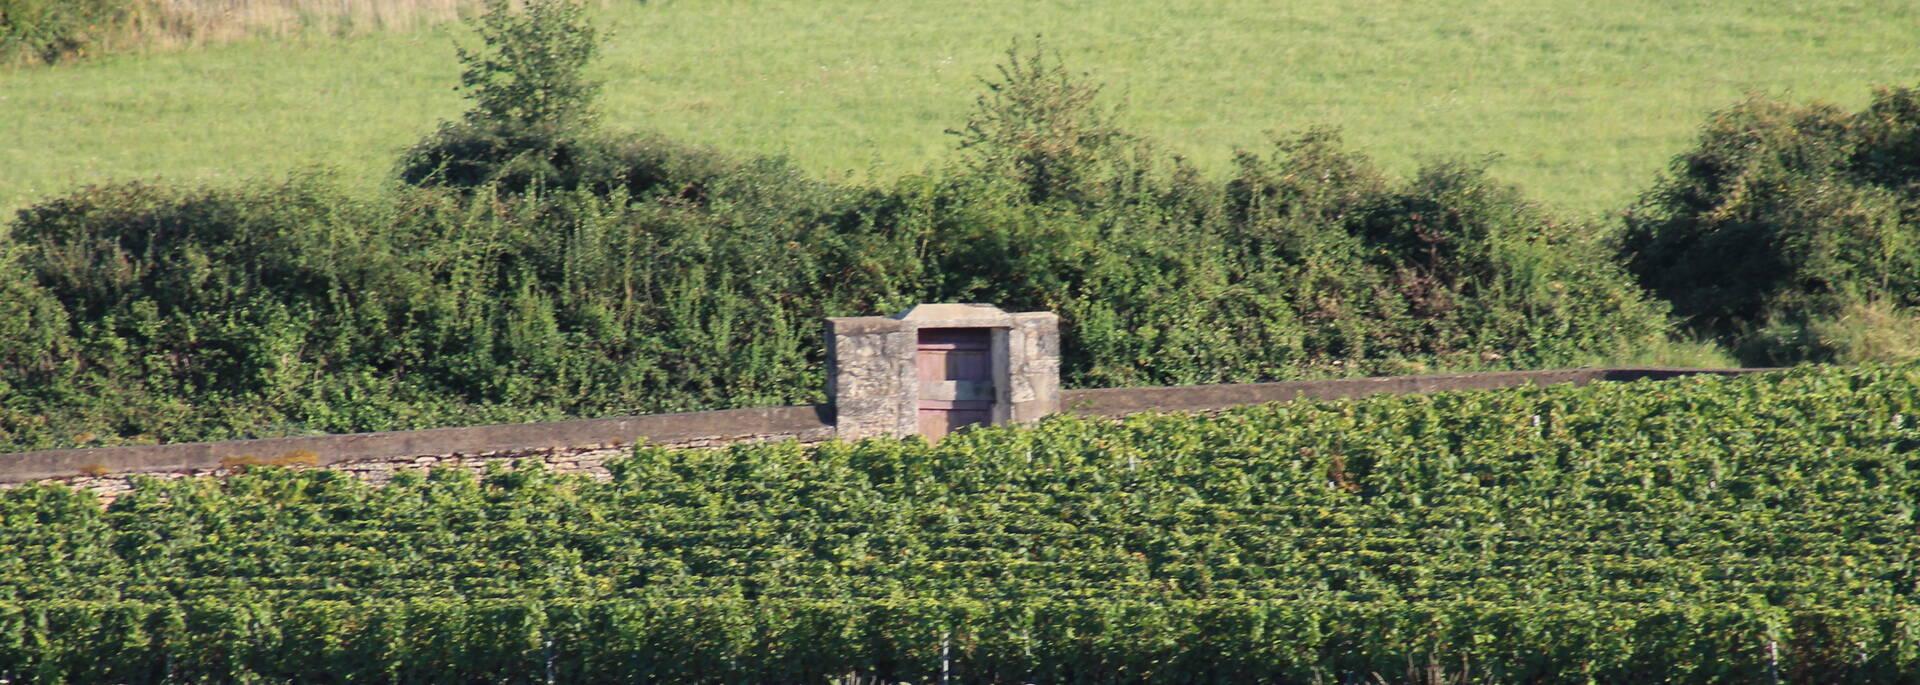 Domaine viticole @Office de Tourisme